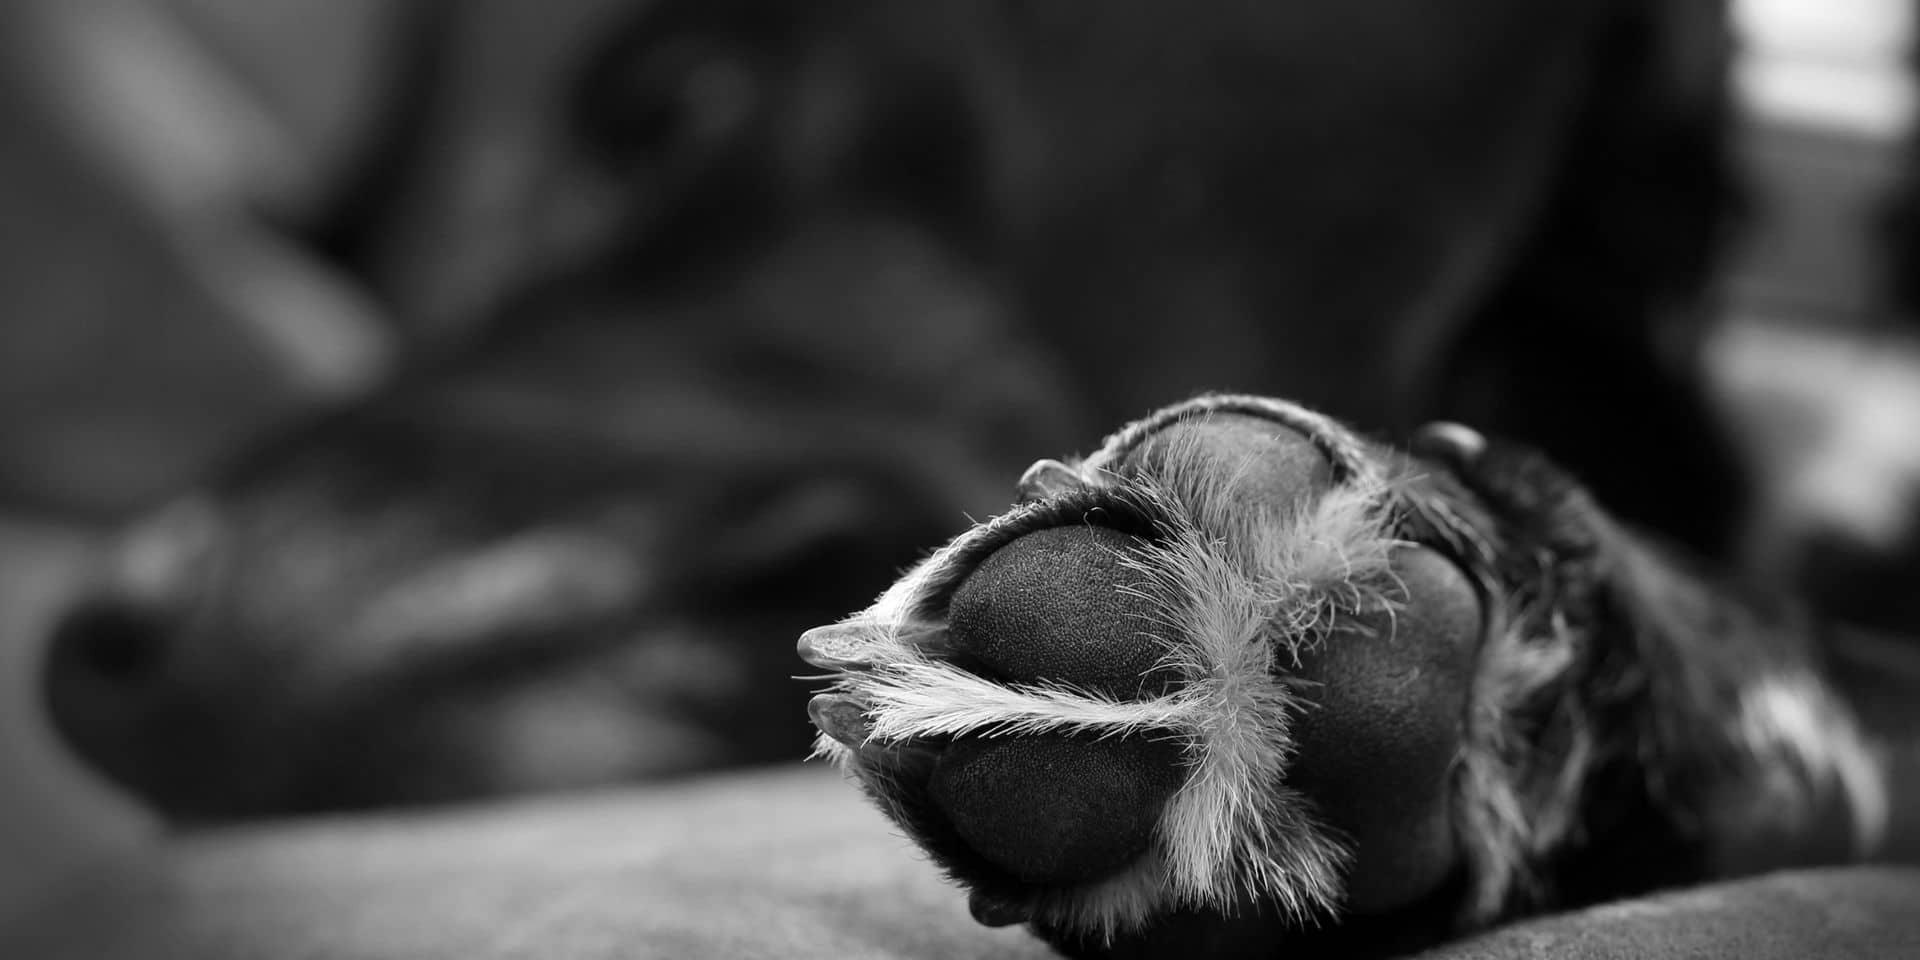 Sous la pression de son voisinage qui lui a envoyé une lettre anonyme, elle décide d'euthanasier son chien